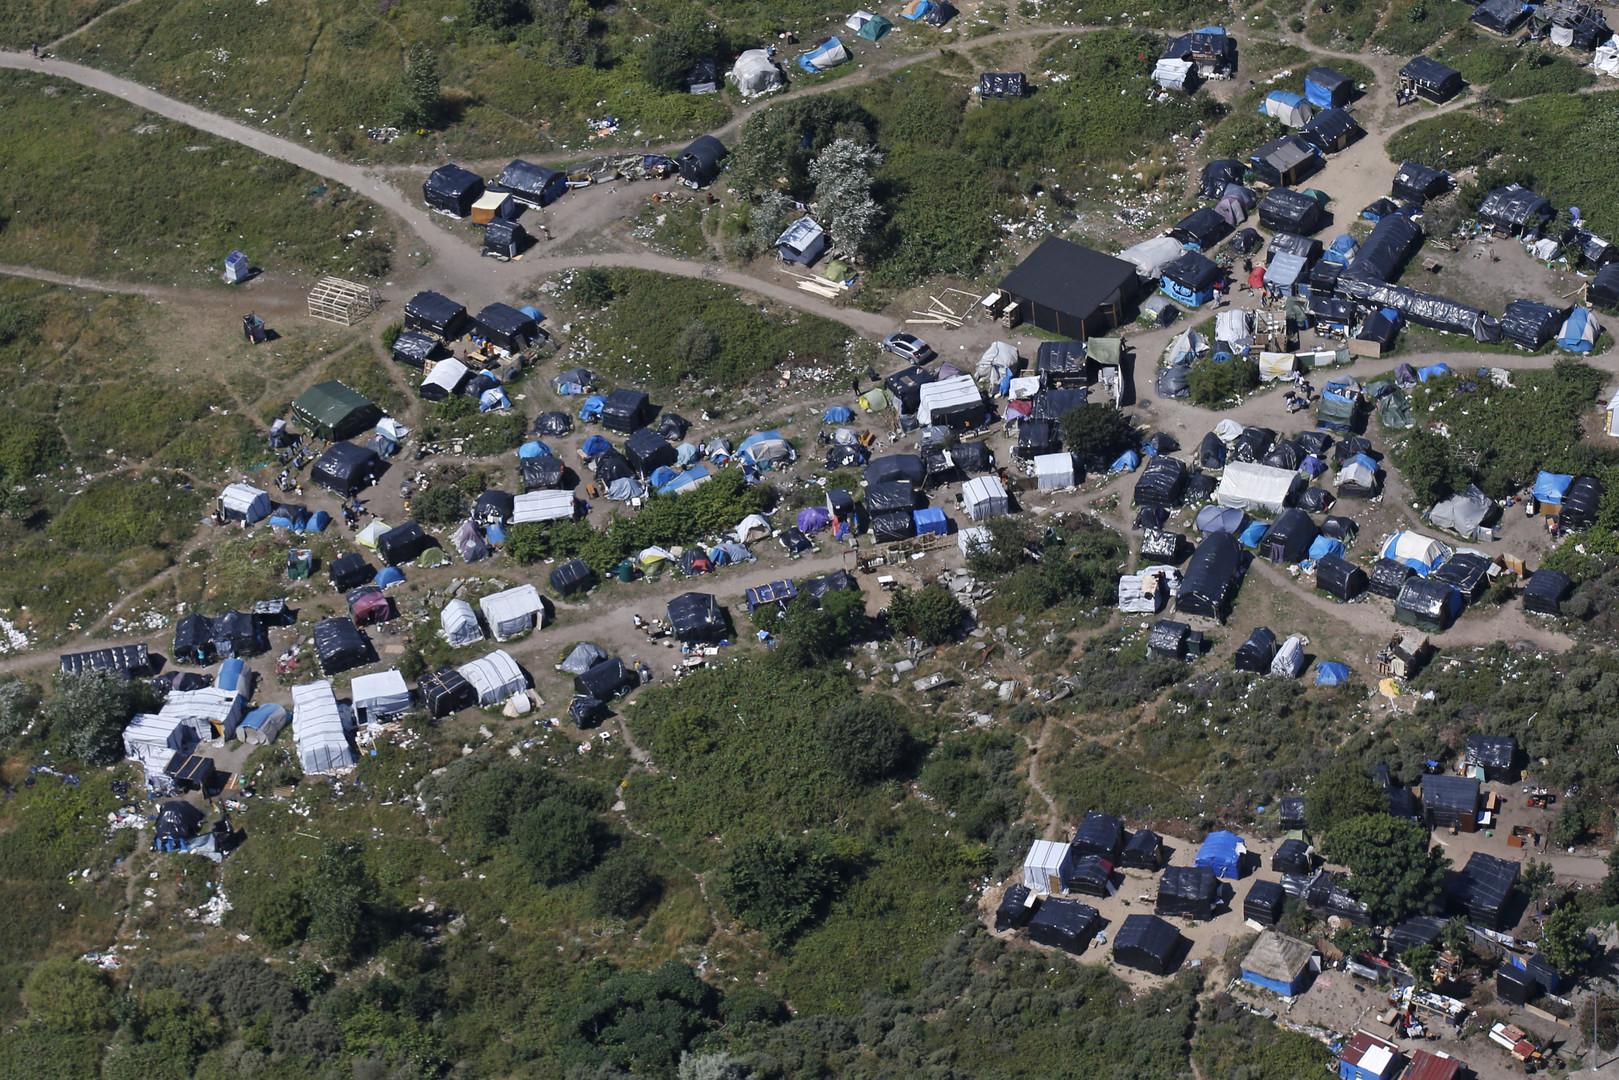 Le camp où vivent entre 2500 et 3000 personnes, essaie tant bien que mal de s'organiser. Cette ville autogérée pose la question de la pérennisation d'une situation pourtant difficile à vivre pour les migrants.